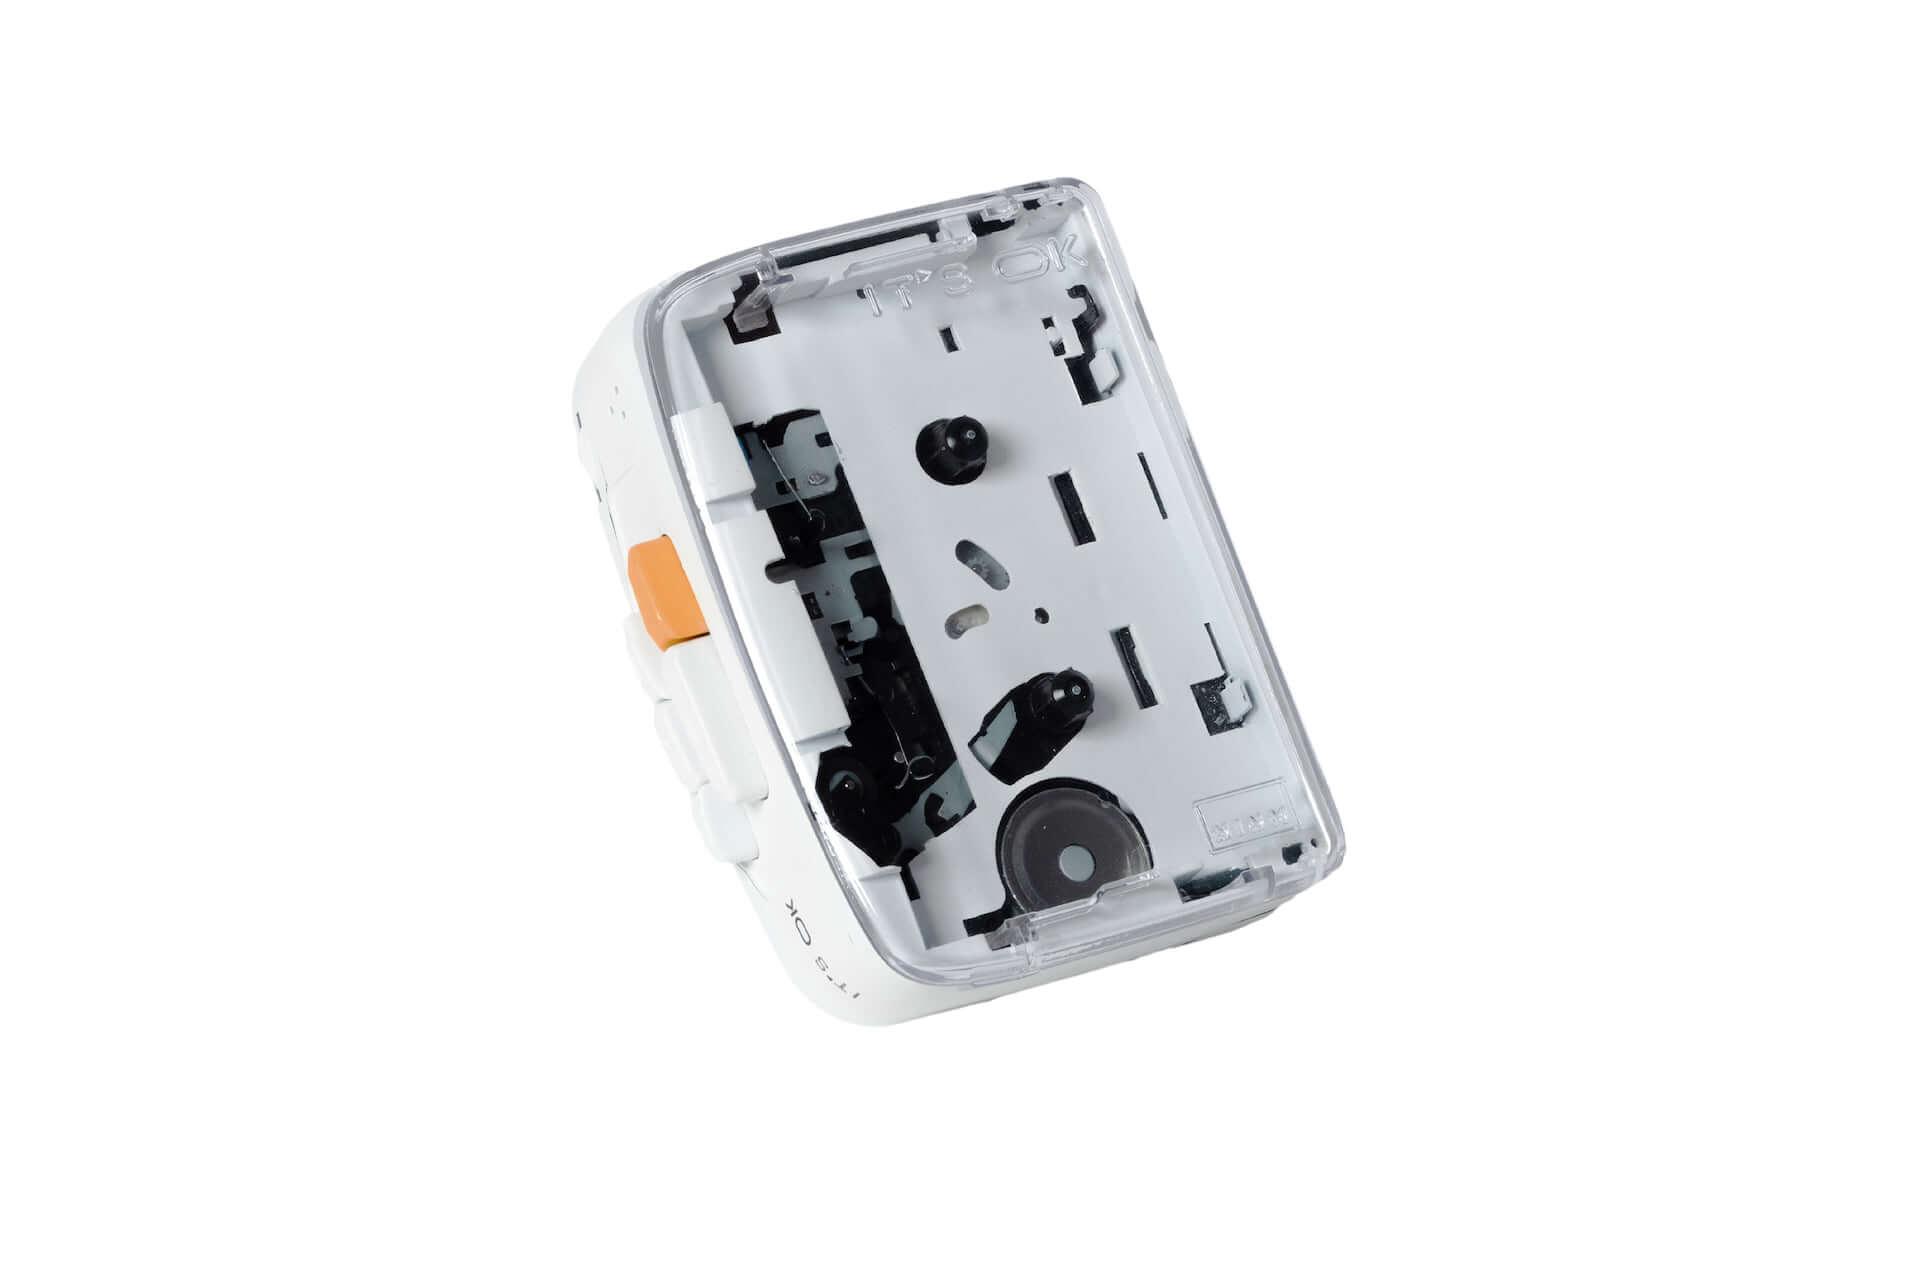 世界初!Bluetooth 5.0対応カセットプレイヤー「IT'S OK」が登場|最新の音楽をレトロな音質で堪能 technology190705itsok-bluetooth_9-1920x1280